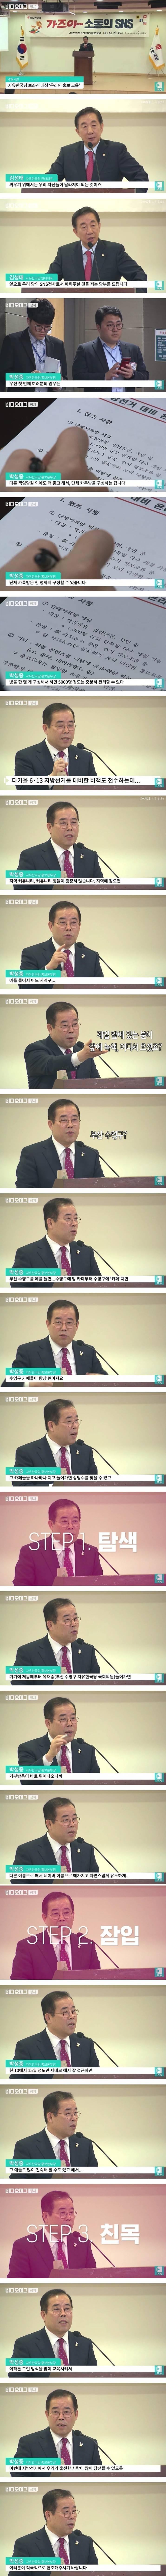 [약스] 현직 국회의원의 여론조작 지시 현장. Jpg 사진